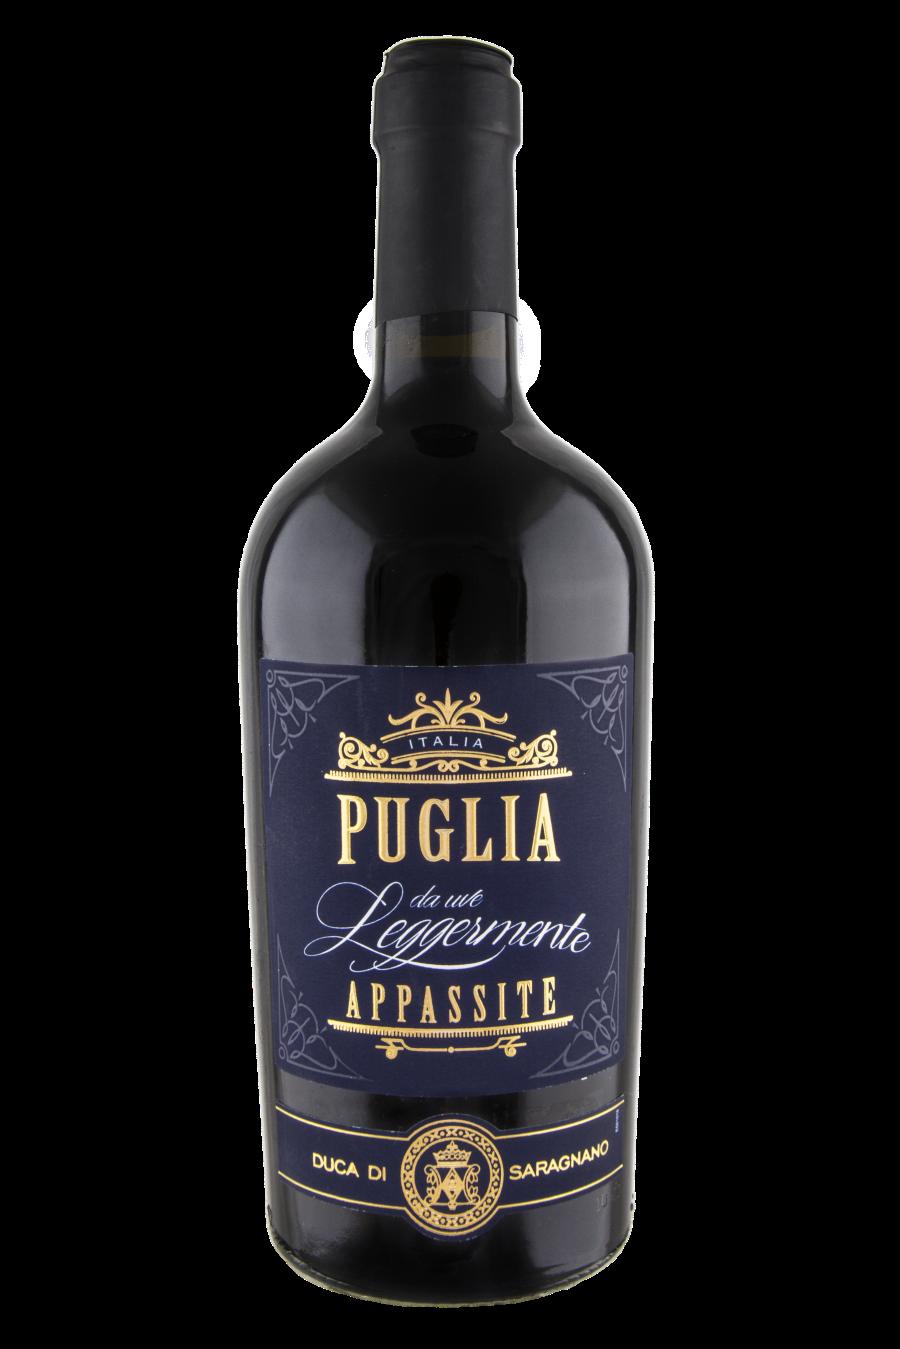 Puglia Rosso IGT da Uve Leggermente Appassite